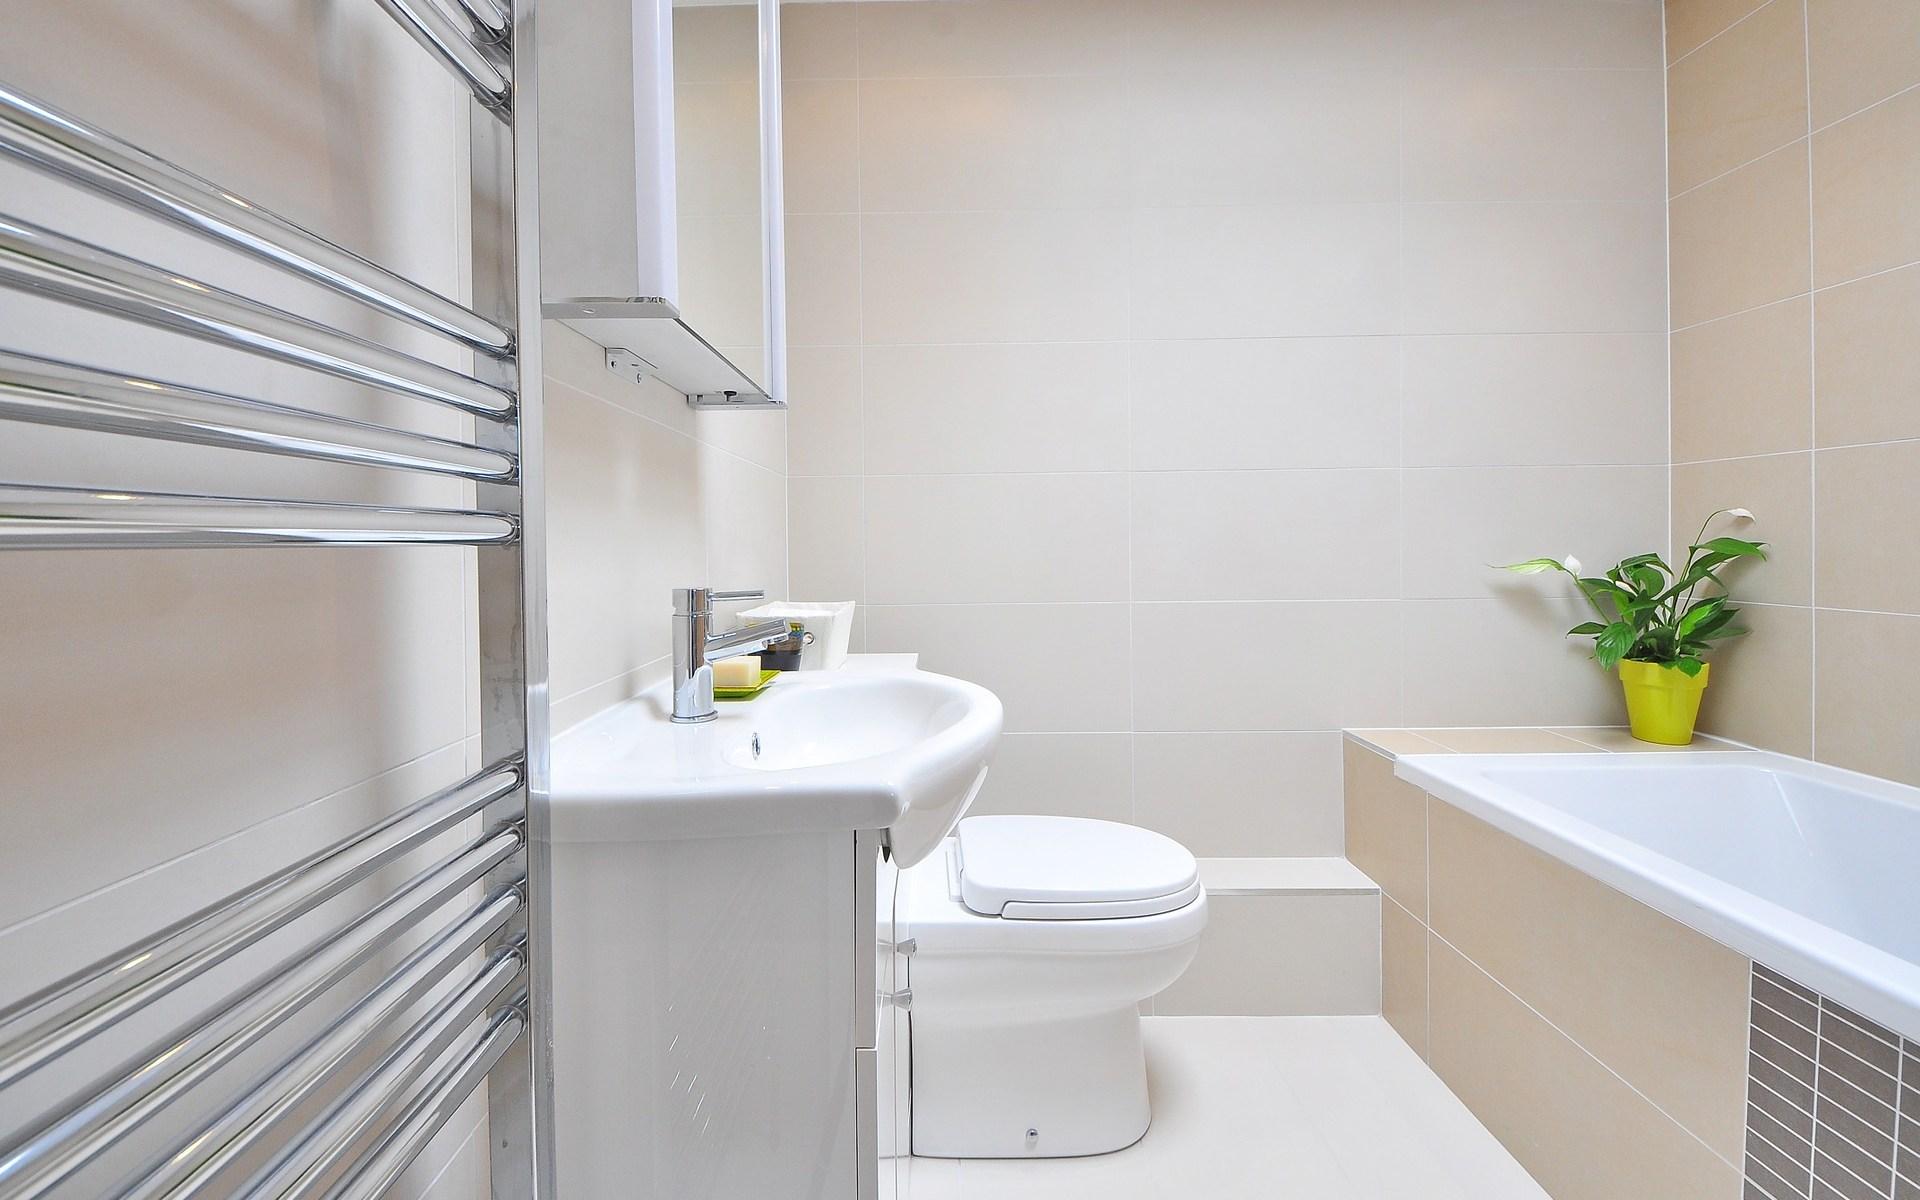 Sanitärhandel Sanitär handel SEMA Wien,16 Barrierefreiheit bei Sanitäreinrichtung Beratung und Verkauf sema_badezimmer_installationen_gas-wasser-heizung-wien-sanitaer-installateur_notdienst_1920x1280